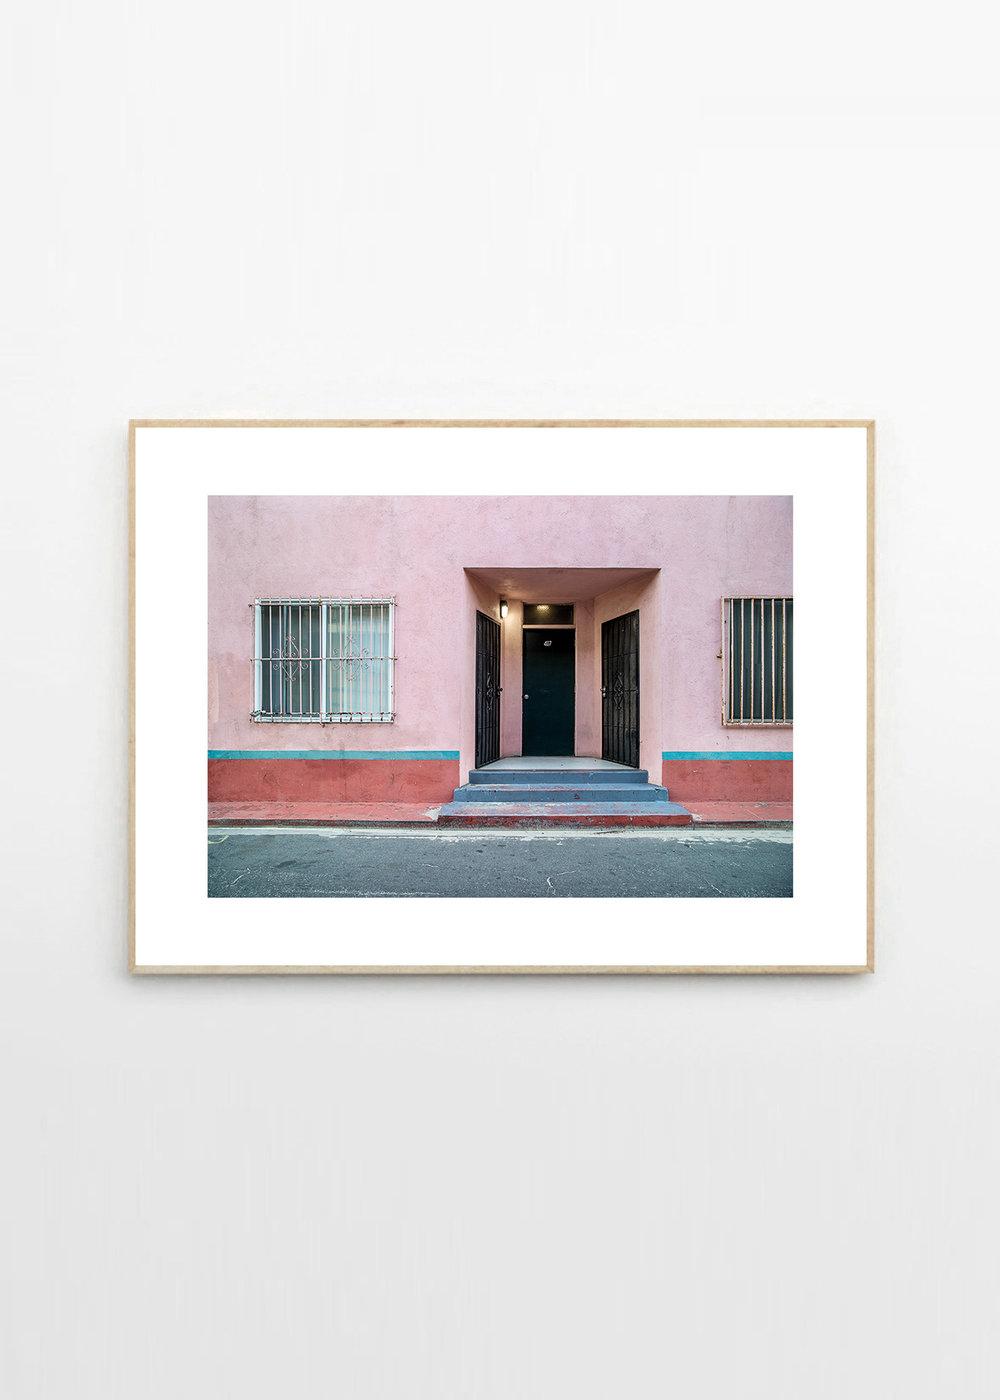 christina-kayser-o-407-frame-wood.jpg